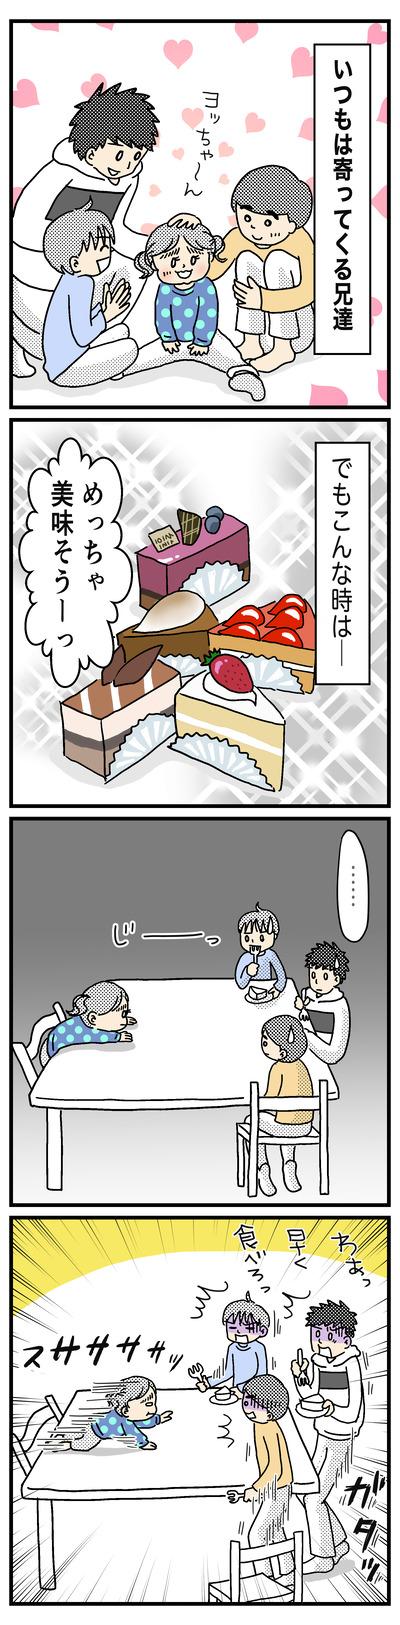 148 ケーキのときは(1才半〜2才)